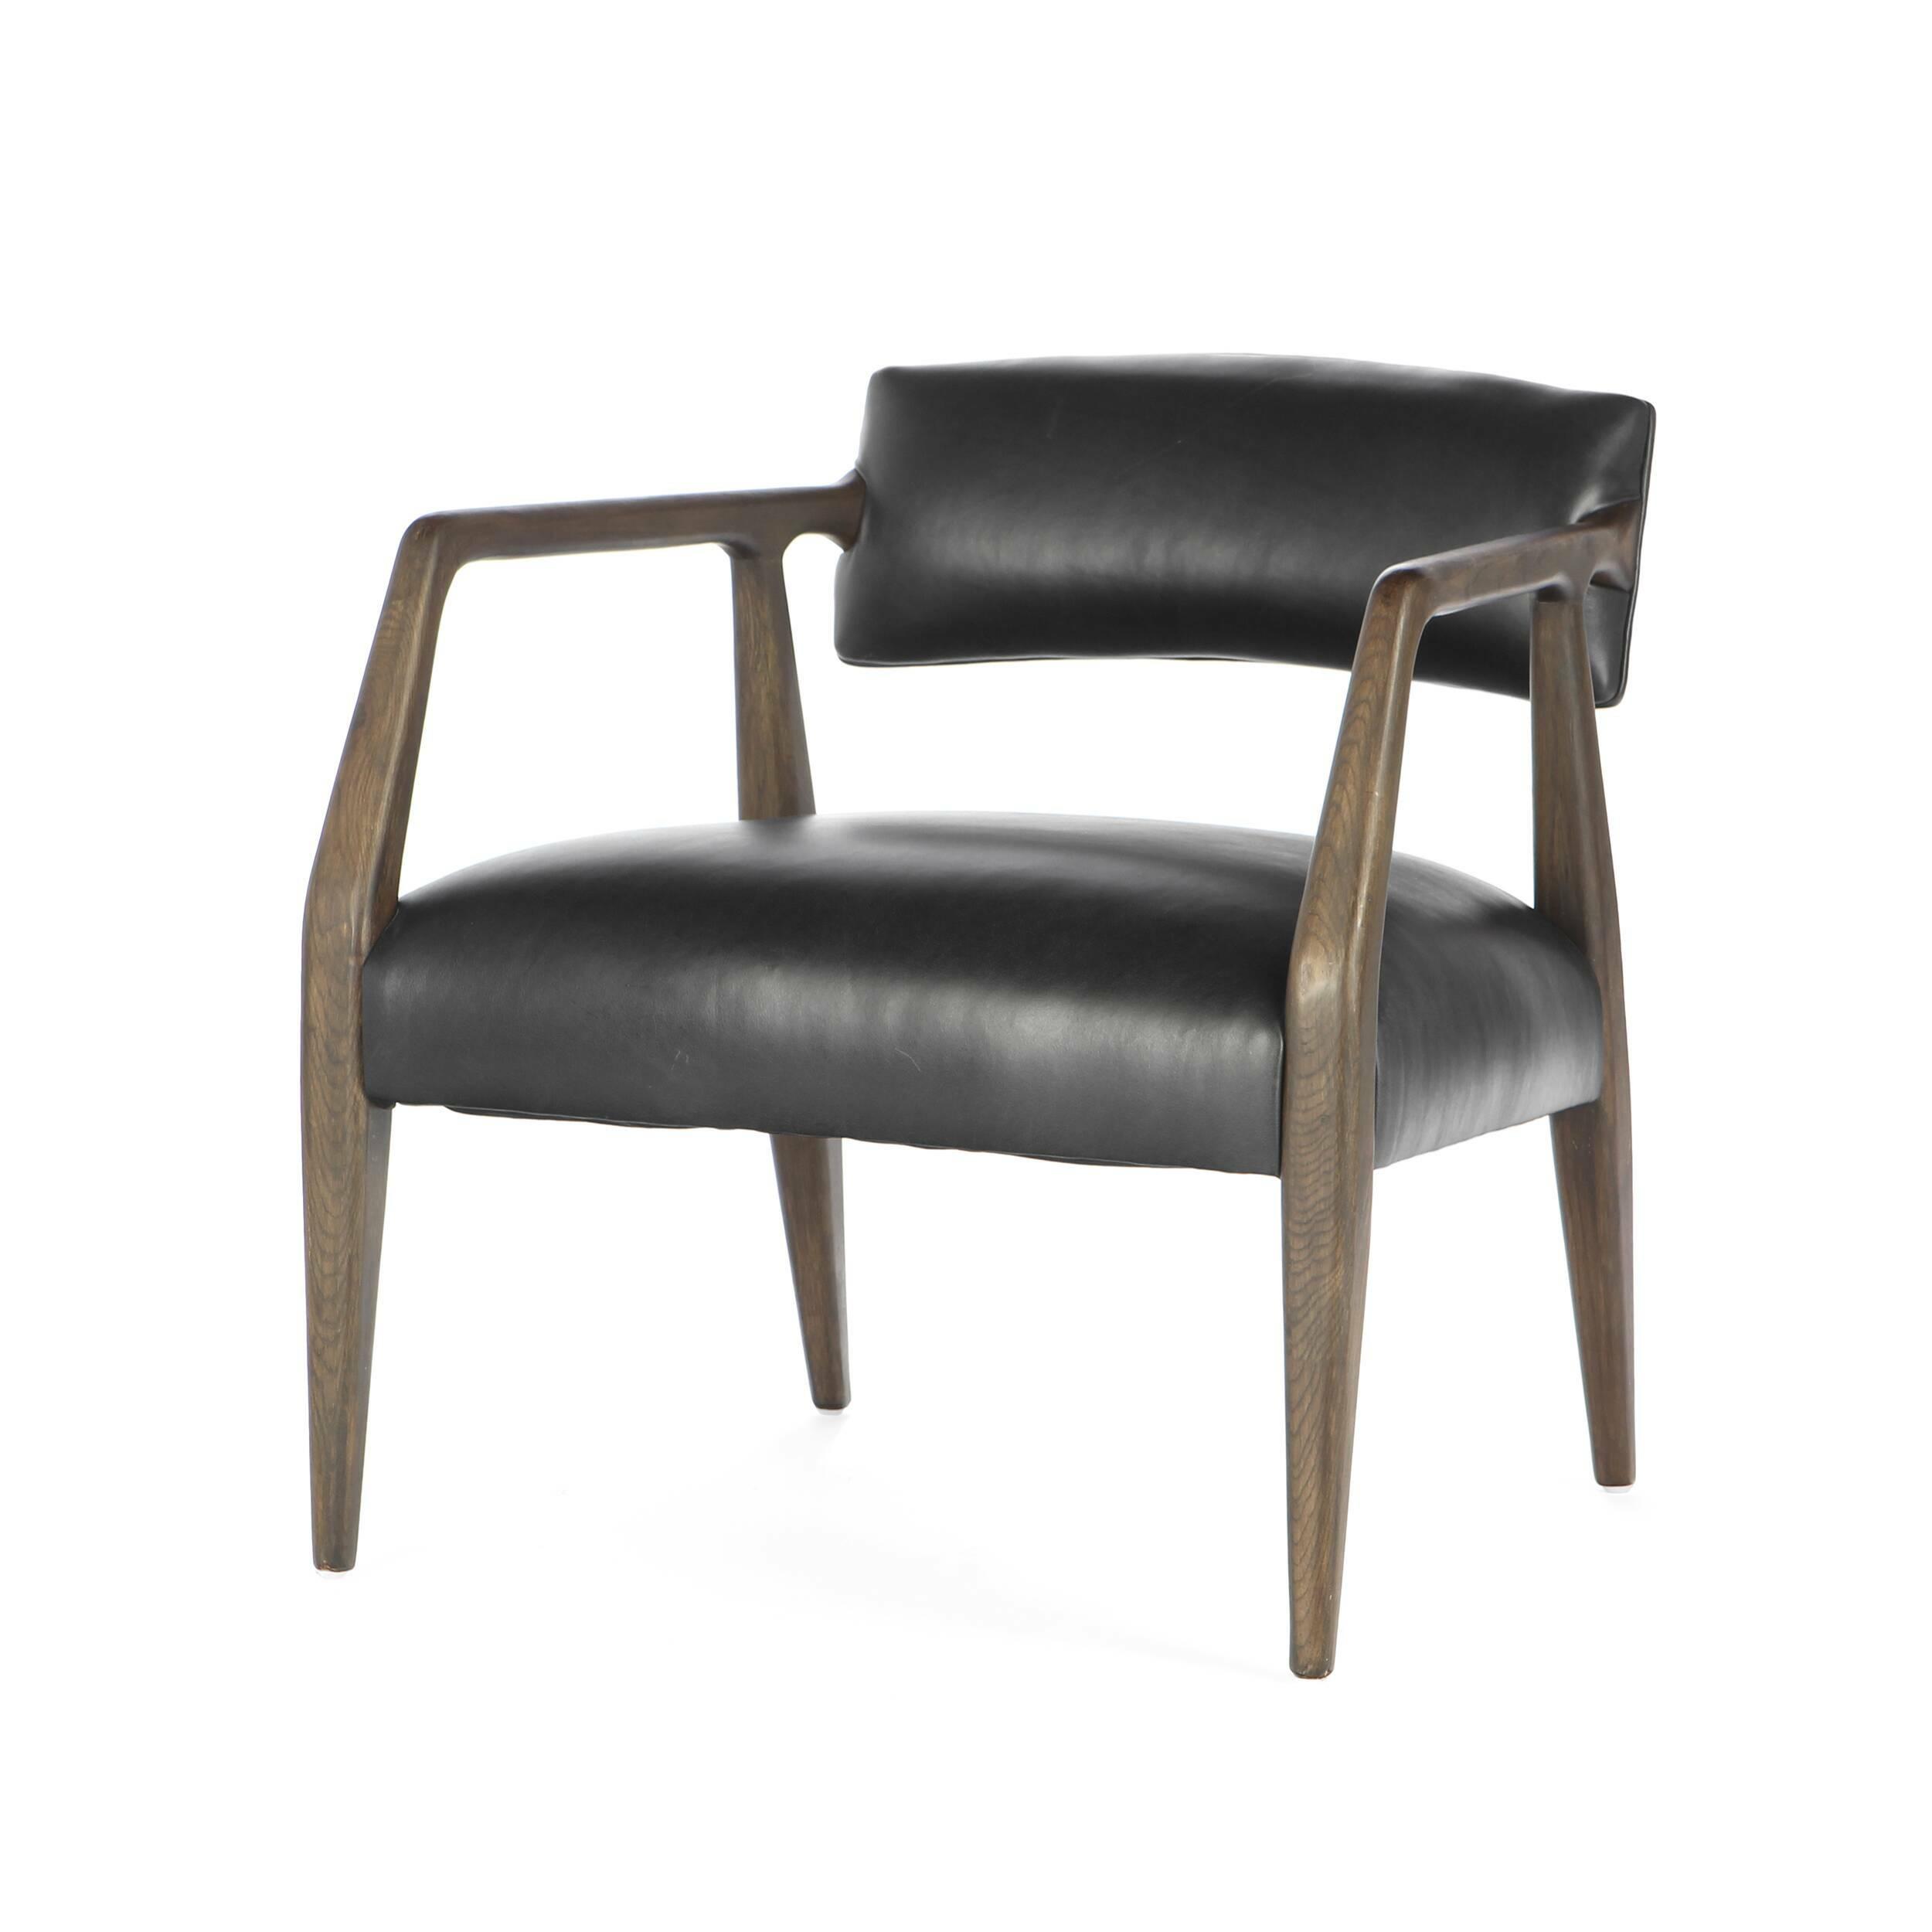 Кресло BaileyИнтерьерные<br>Дизайнерское оригинальное легкое широкое кресло Bailey из дерева с тканевой обивкой от Cosmo.<br><br><br> Четкость линий, строгость цвета и абсолютно современный дизайн — кресло Bailey станет замечательным атрибутом комнаты, выполненной практически в любом стиле. Главная особенность кресла — это его широкое комфортное сиденье, благодаря которому вы сможете устроиться с максимальным удобством как за рабочим столом, так и в любимой гостиной комнате. Компания Cosmo предлагает на выбор два цвета: те...<br><br>stock: 3<br>Высота: 69<br>Высота сиденья: 43<br>Ширина: 65<br>Глубина: 67<br>Цвет ножек: Темно-коричневый<br>Материал ножек: Состаренный массив дуба<br>Тип материала обивки: Кожа<br>Тип материала ножек: Дерево<br>Цвет обивки: Черный